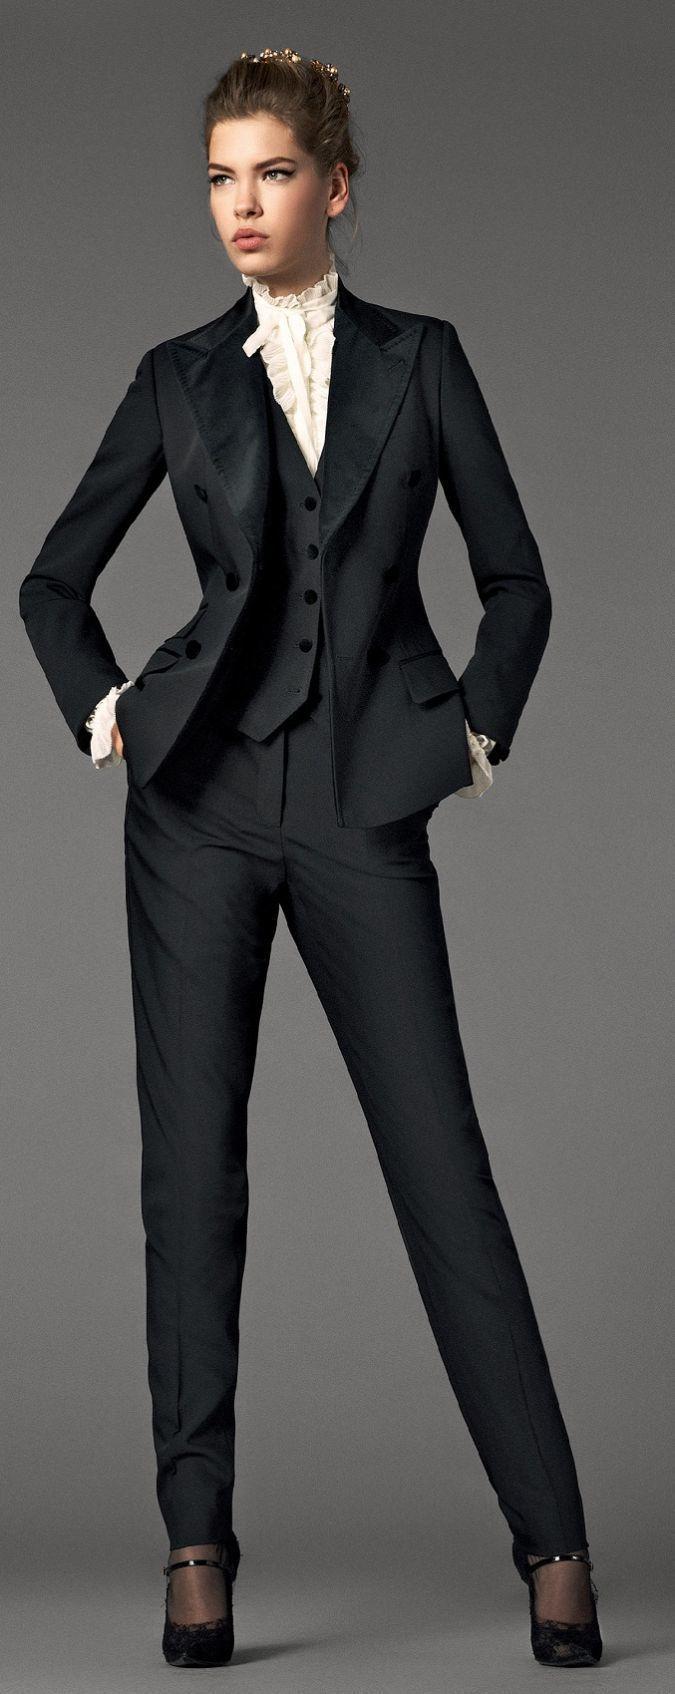 a766d0d77 Cómo combinar un traje negro (8 looks de moda)